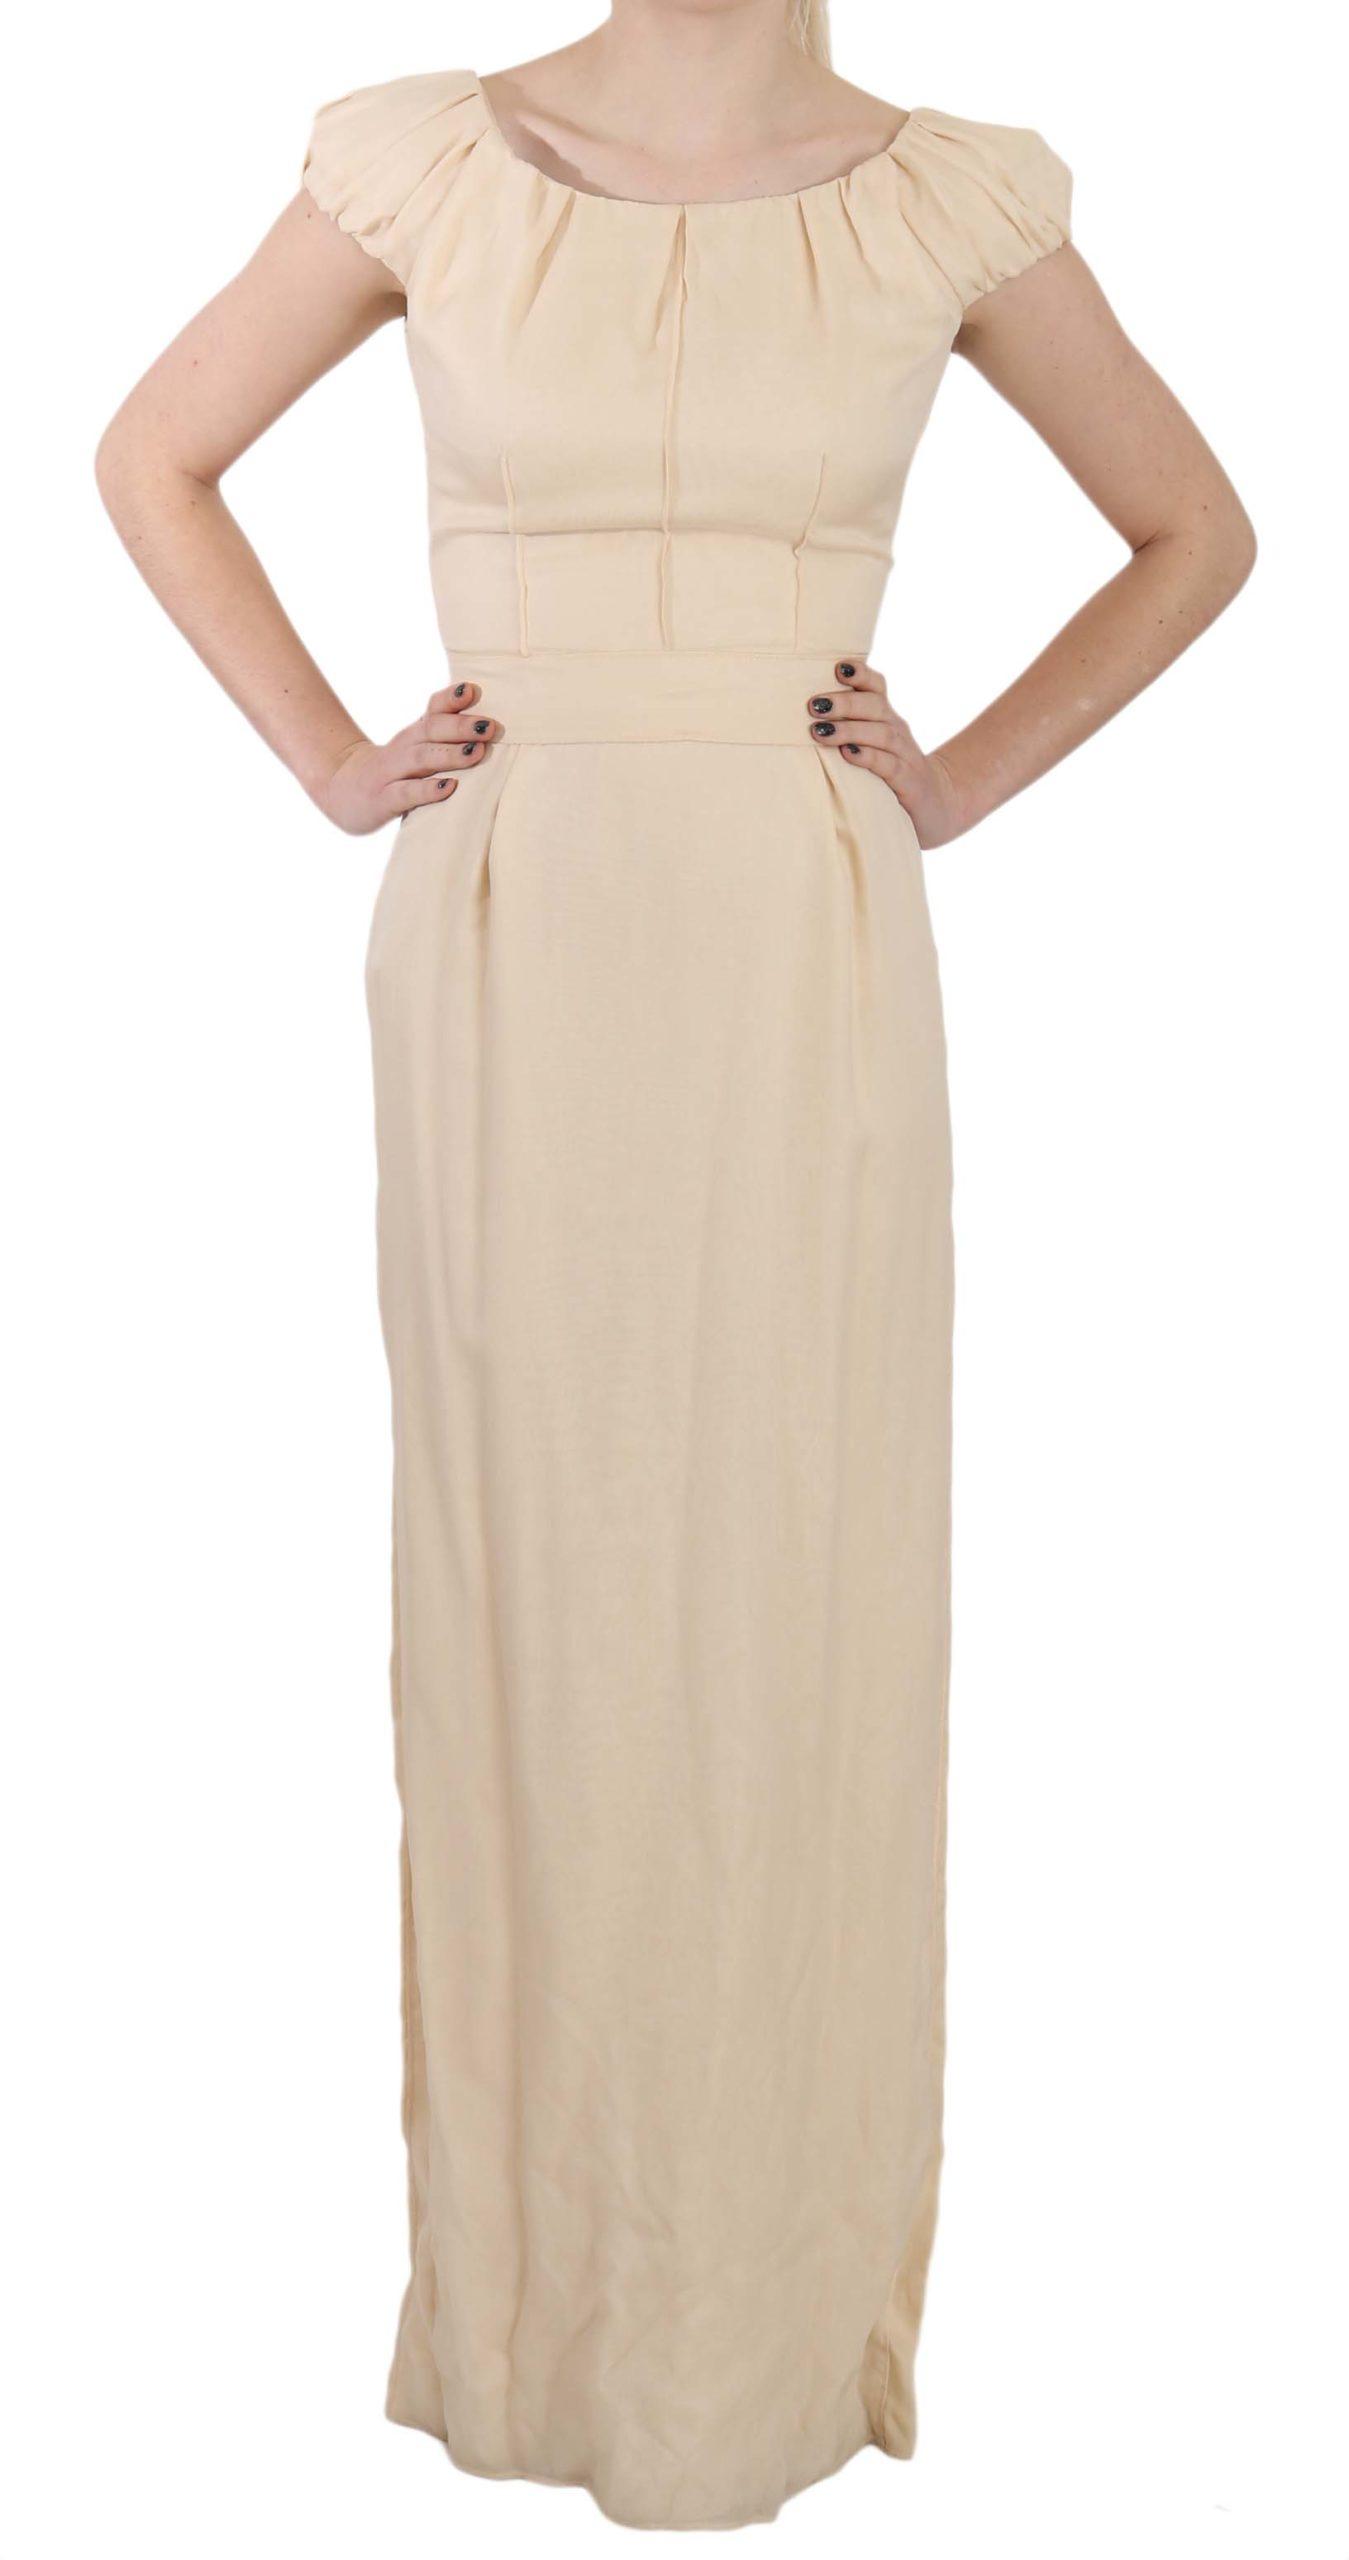 Dolce & Gabbana Women's Silk Column Cap Sleeve Dress Beige DR1683 - IT40|S